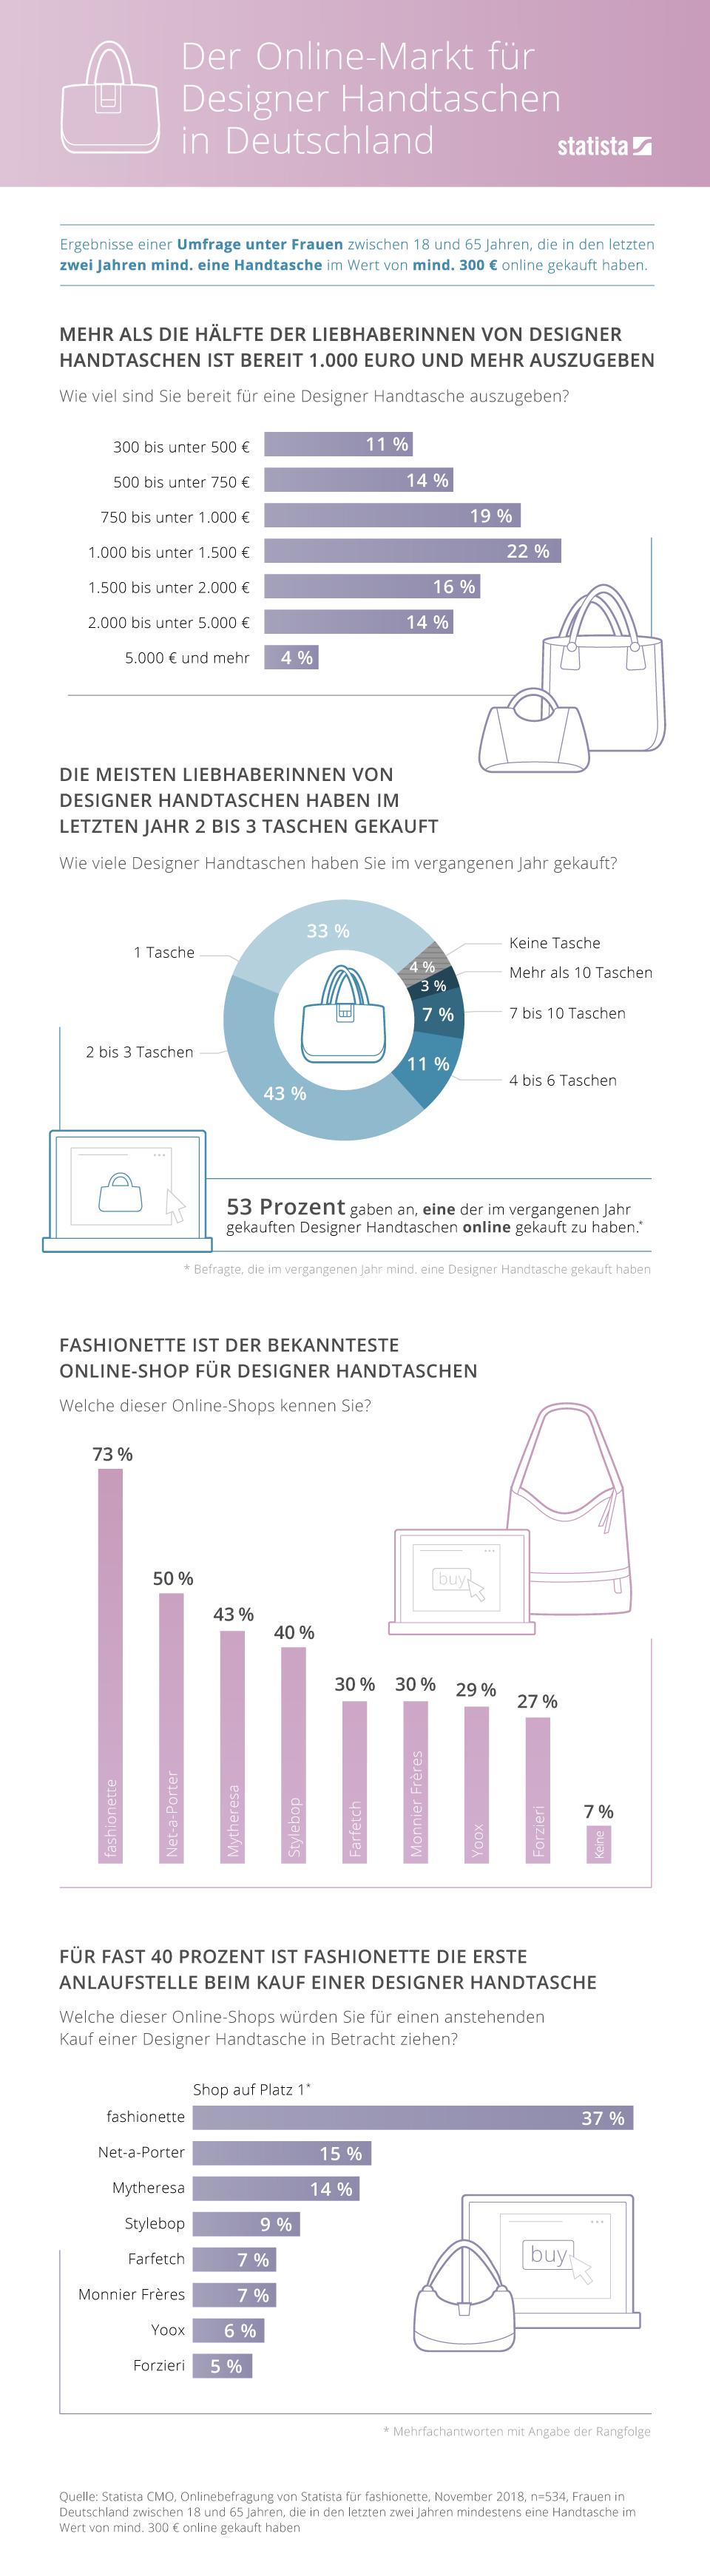 Infografik: Der Online-Markt für Designer Handtaschen in Deutschland | Statista